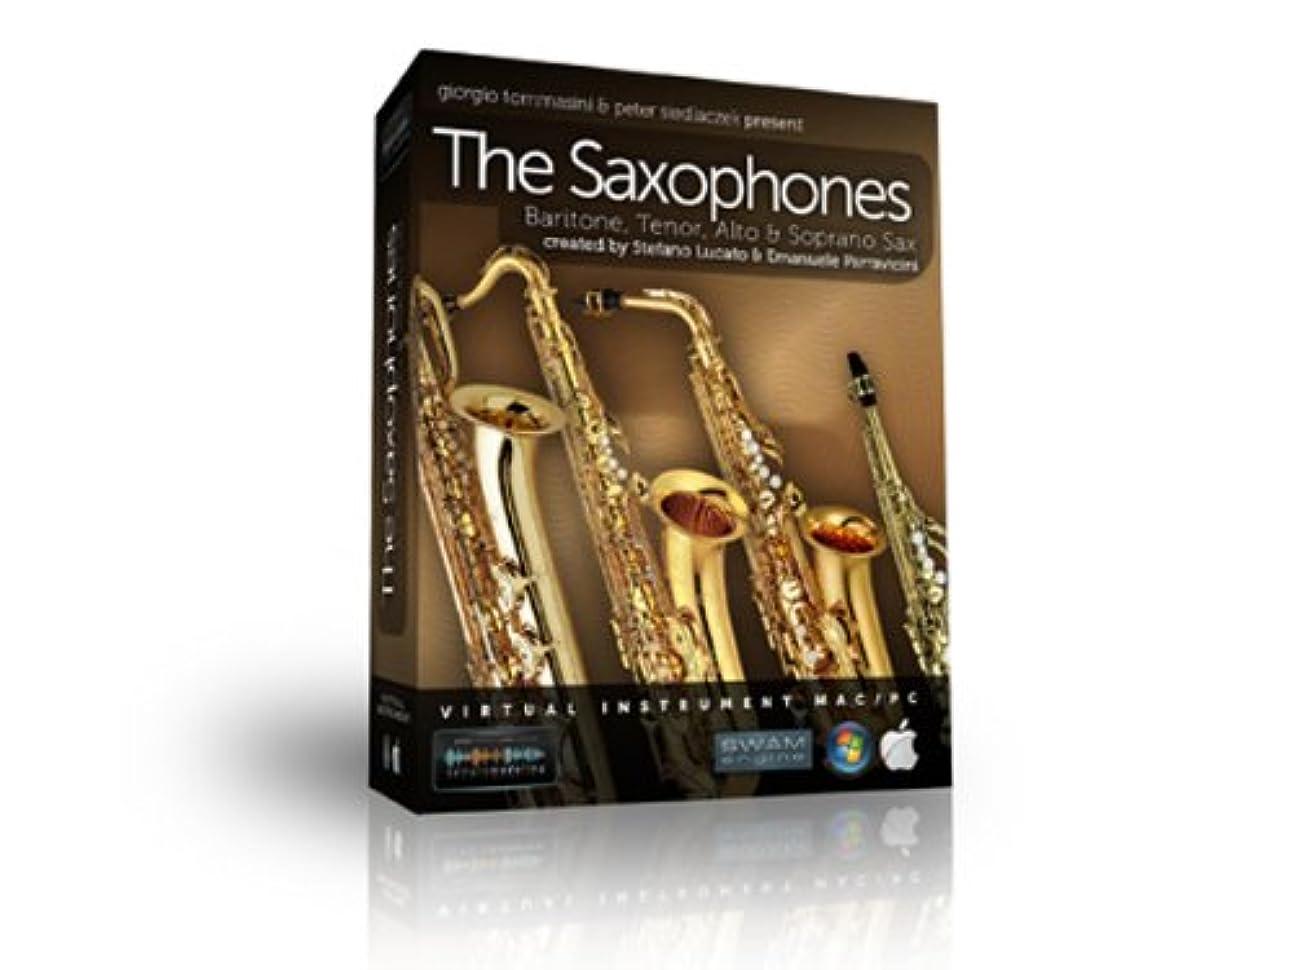 雷雨スペシャリスト錆びsample modeling サンプルモデリングプラグイン音源ソフト The Saxophones